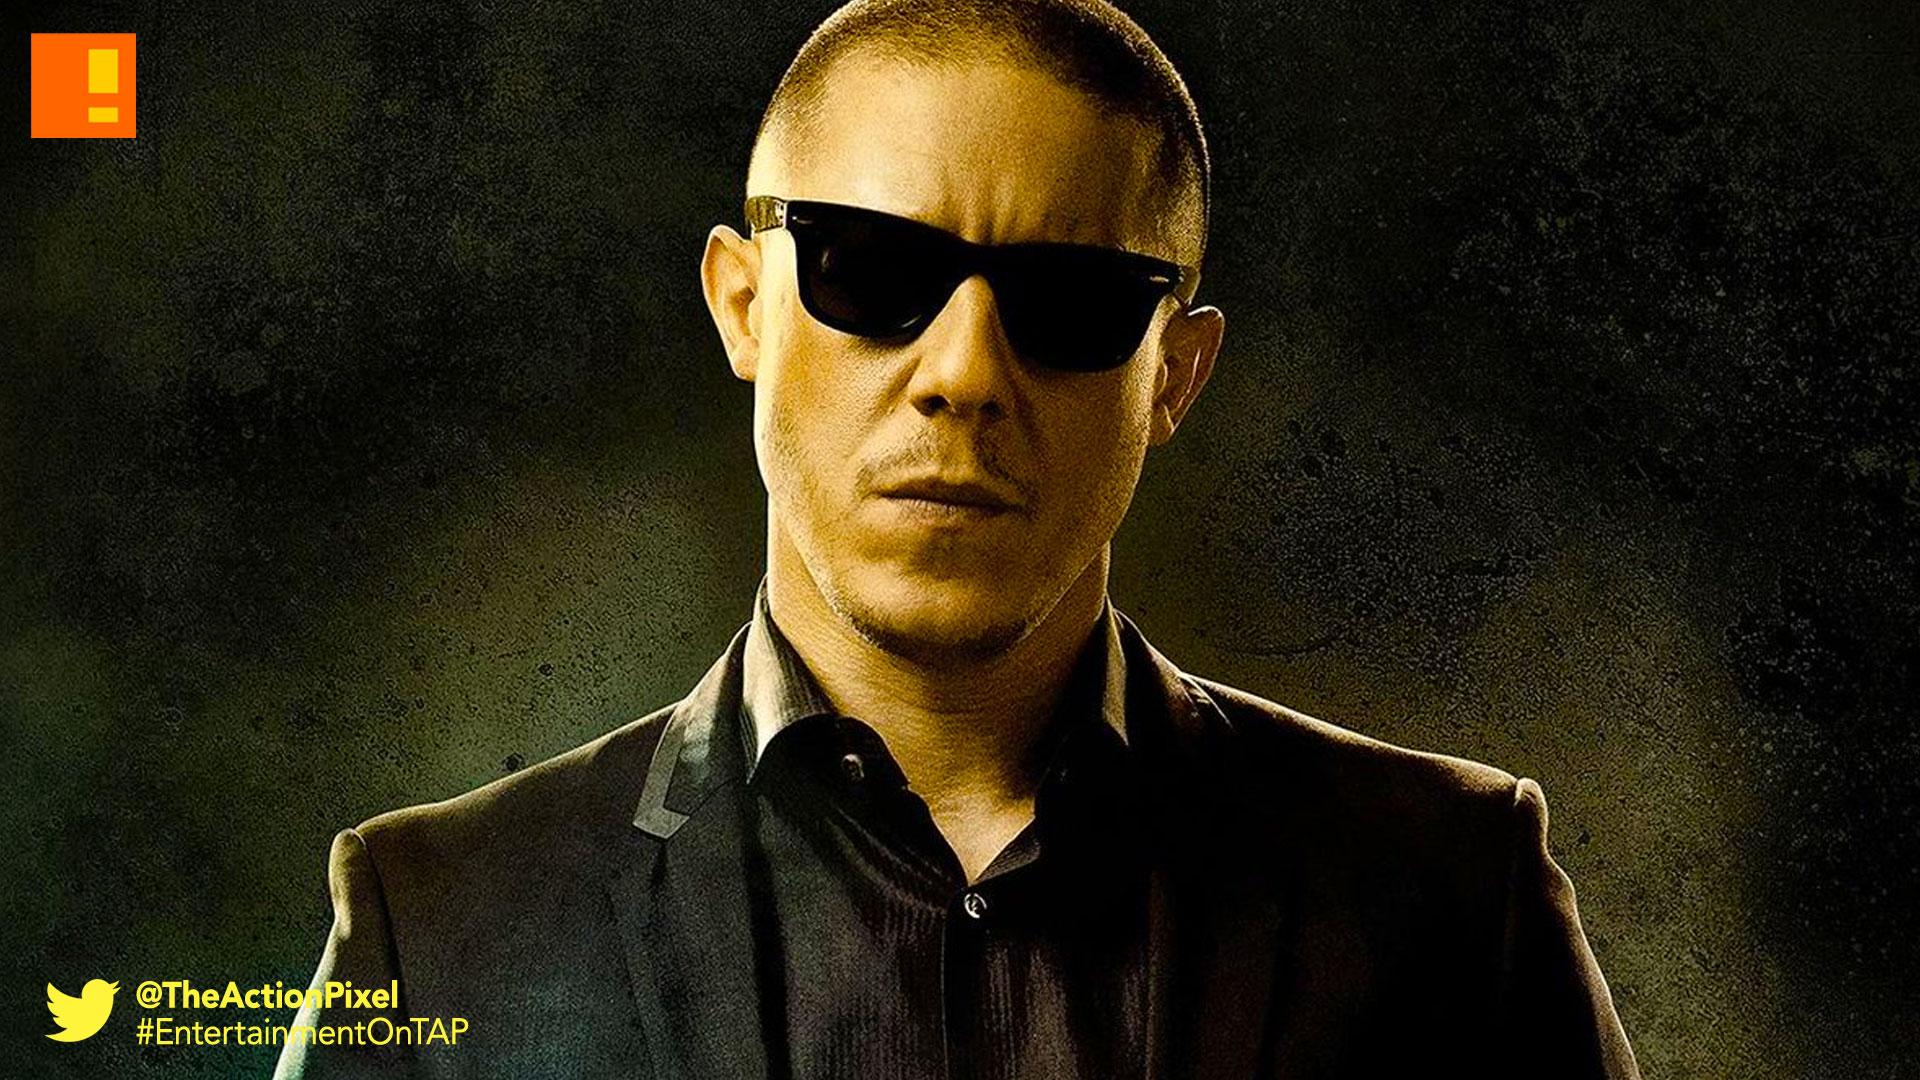 Shades Luke Cage The Action Pixel Alvarez Marvel Netflix